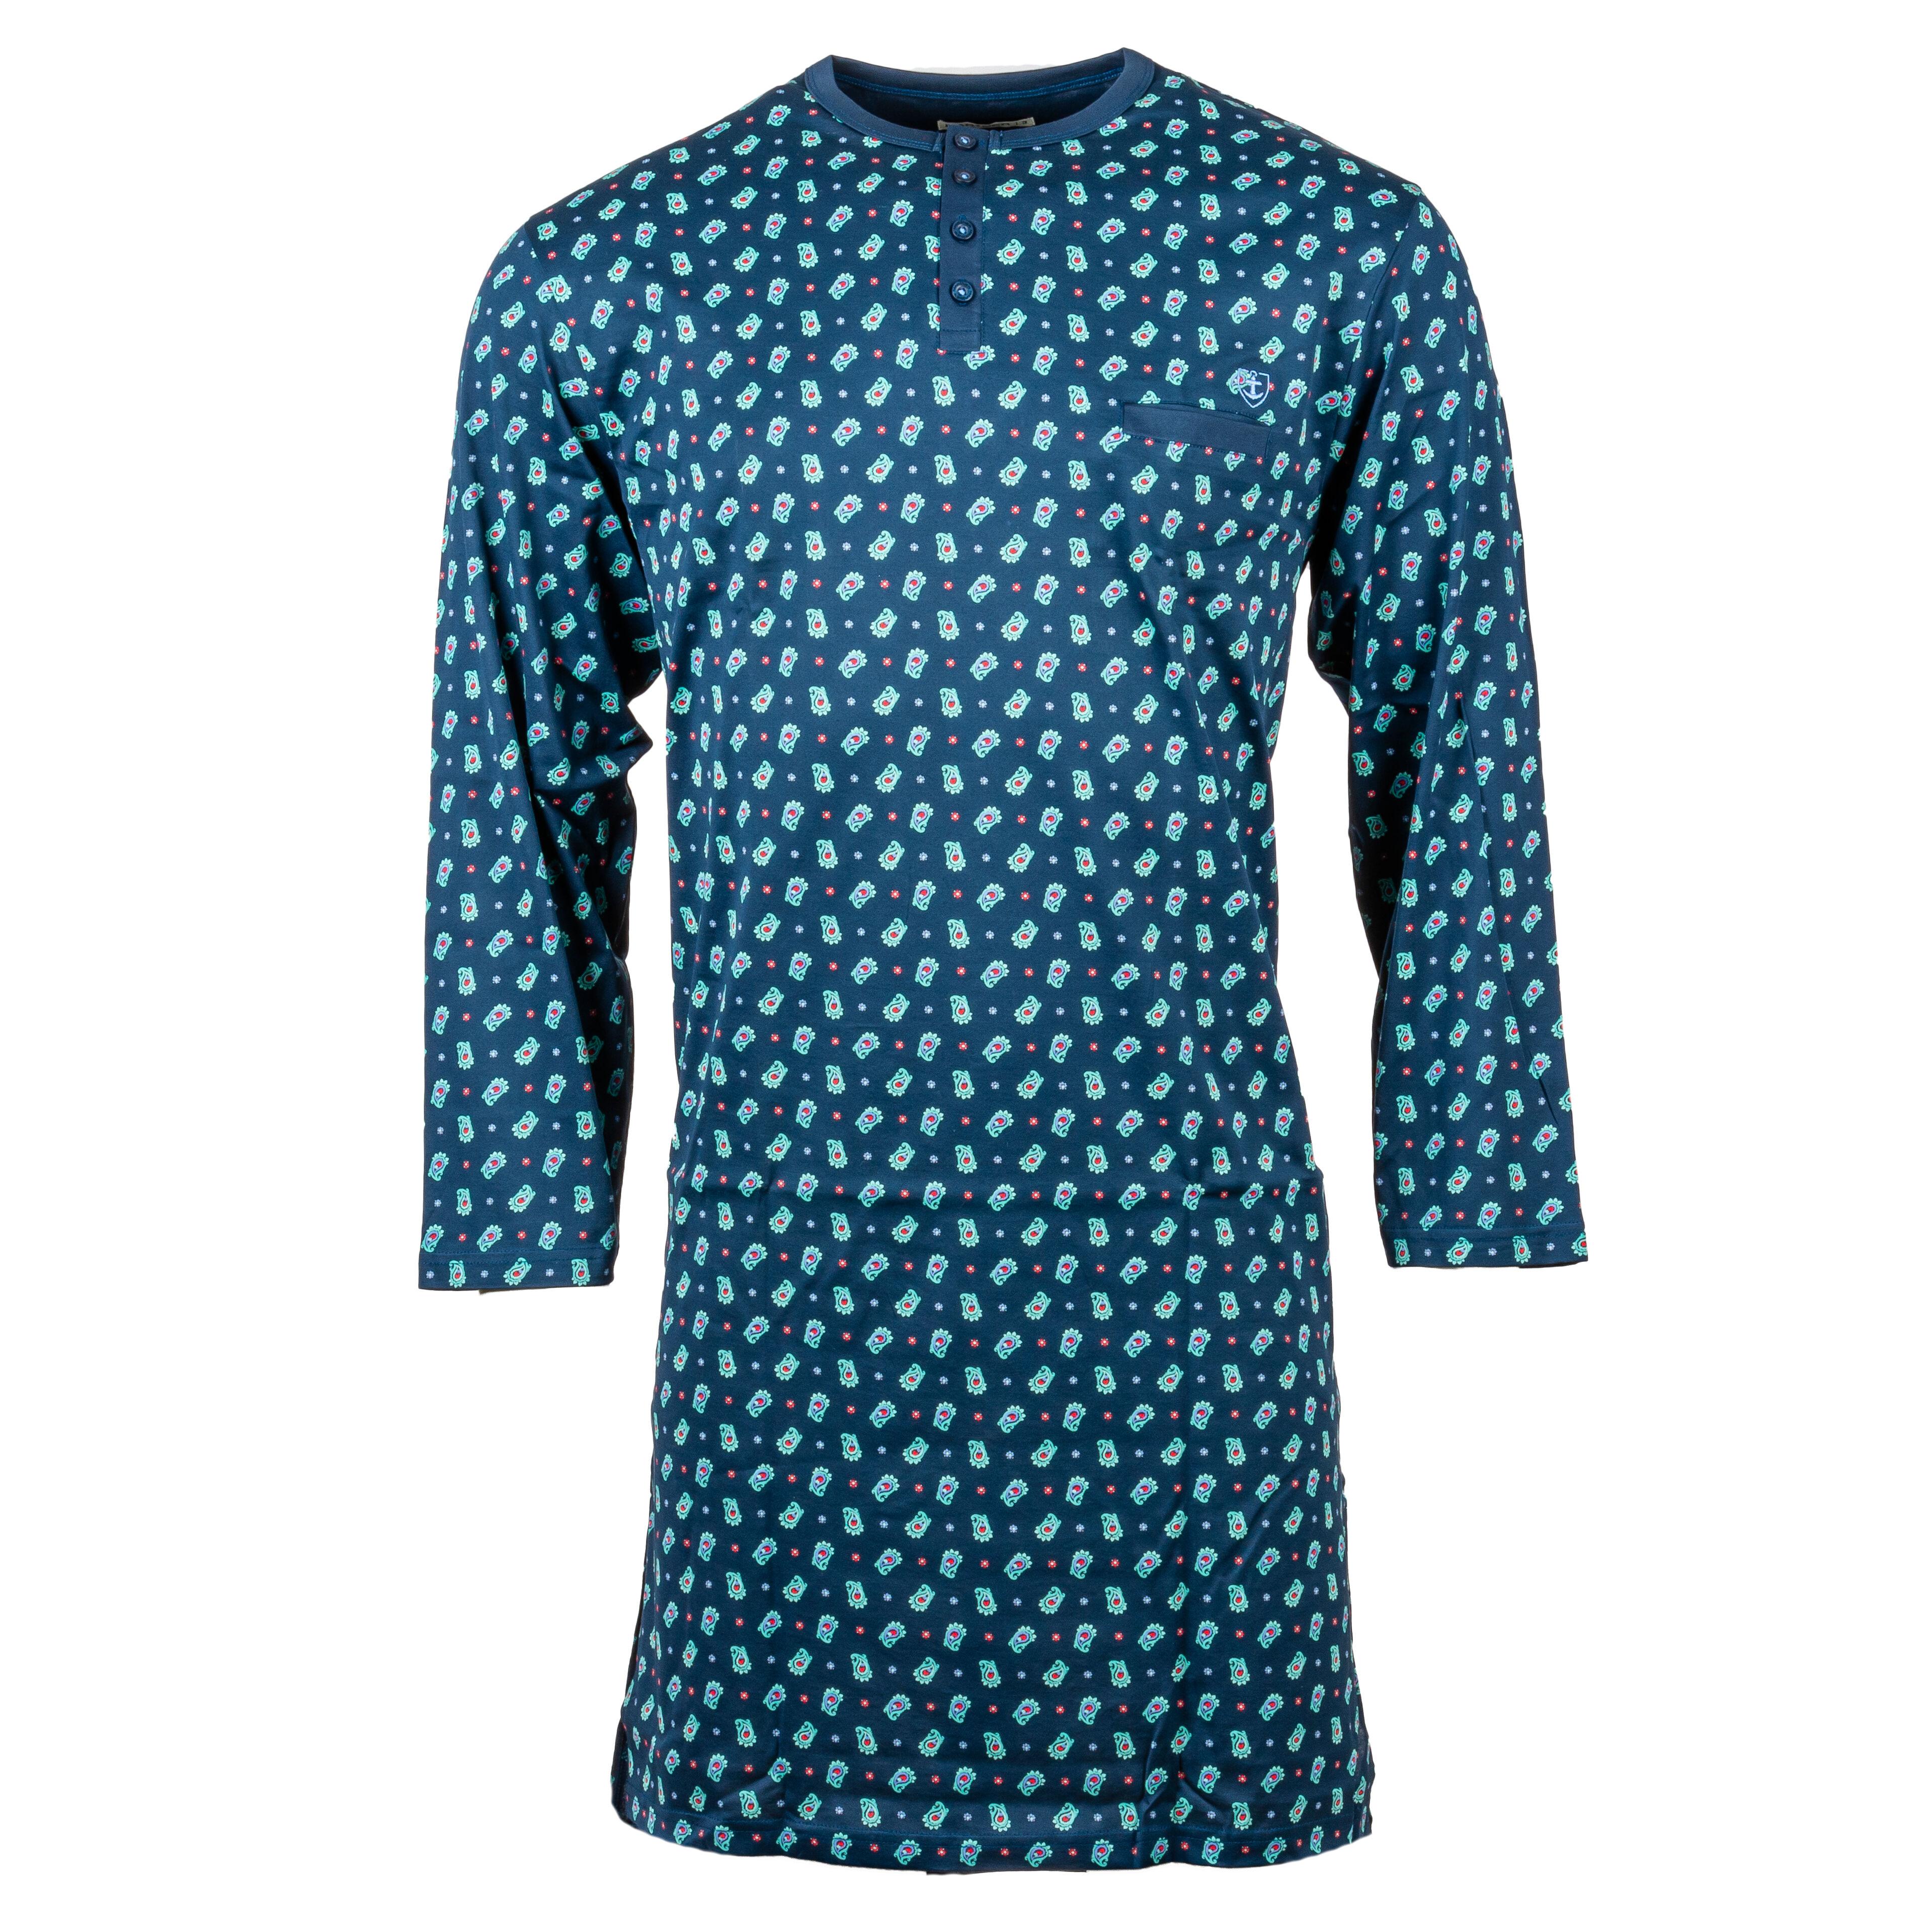 Mariner Liquette col tunisien Mariner en coton bleu marine à motifs verts - BLEU - L